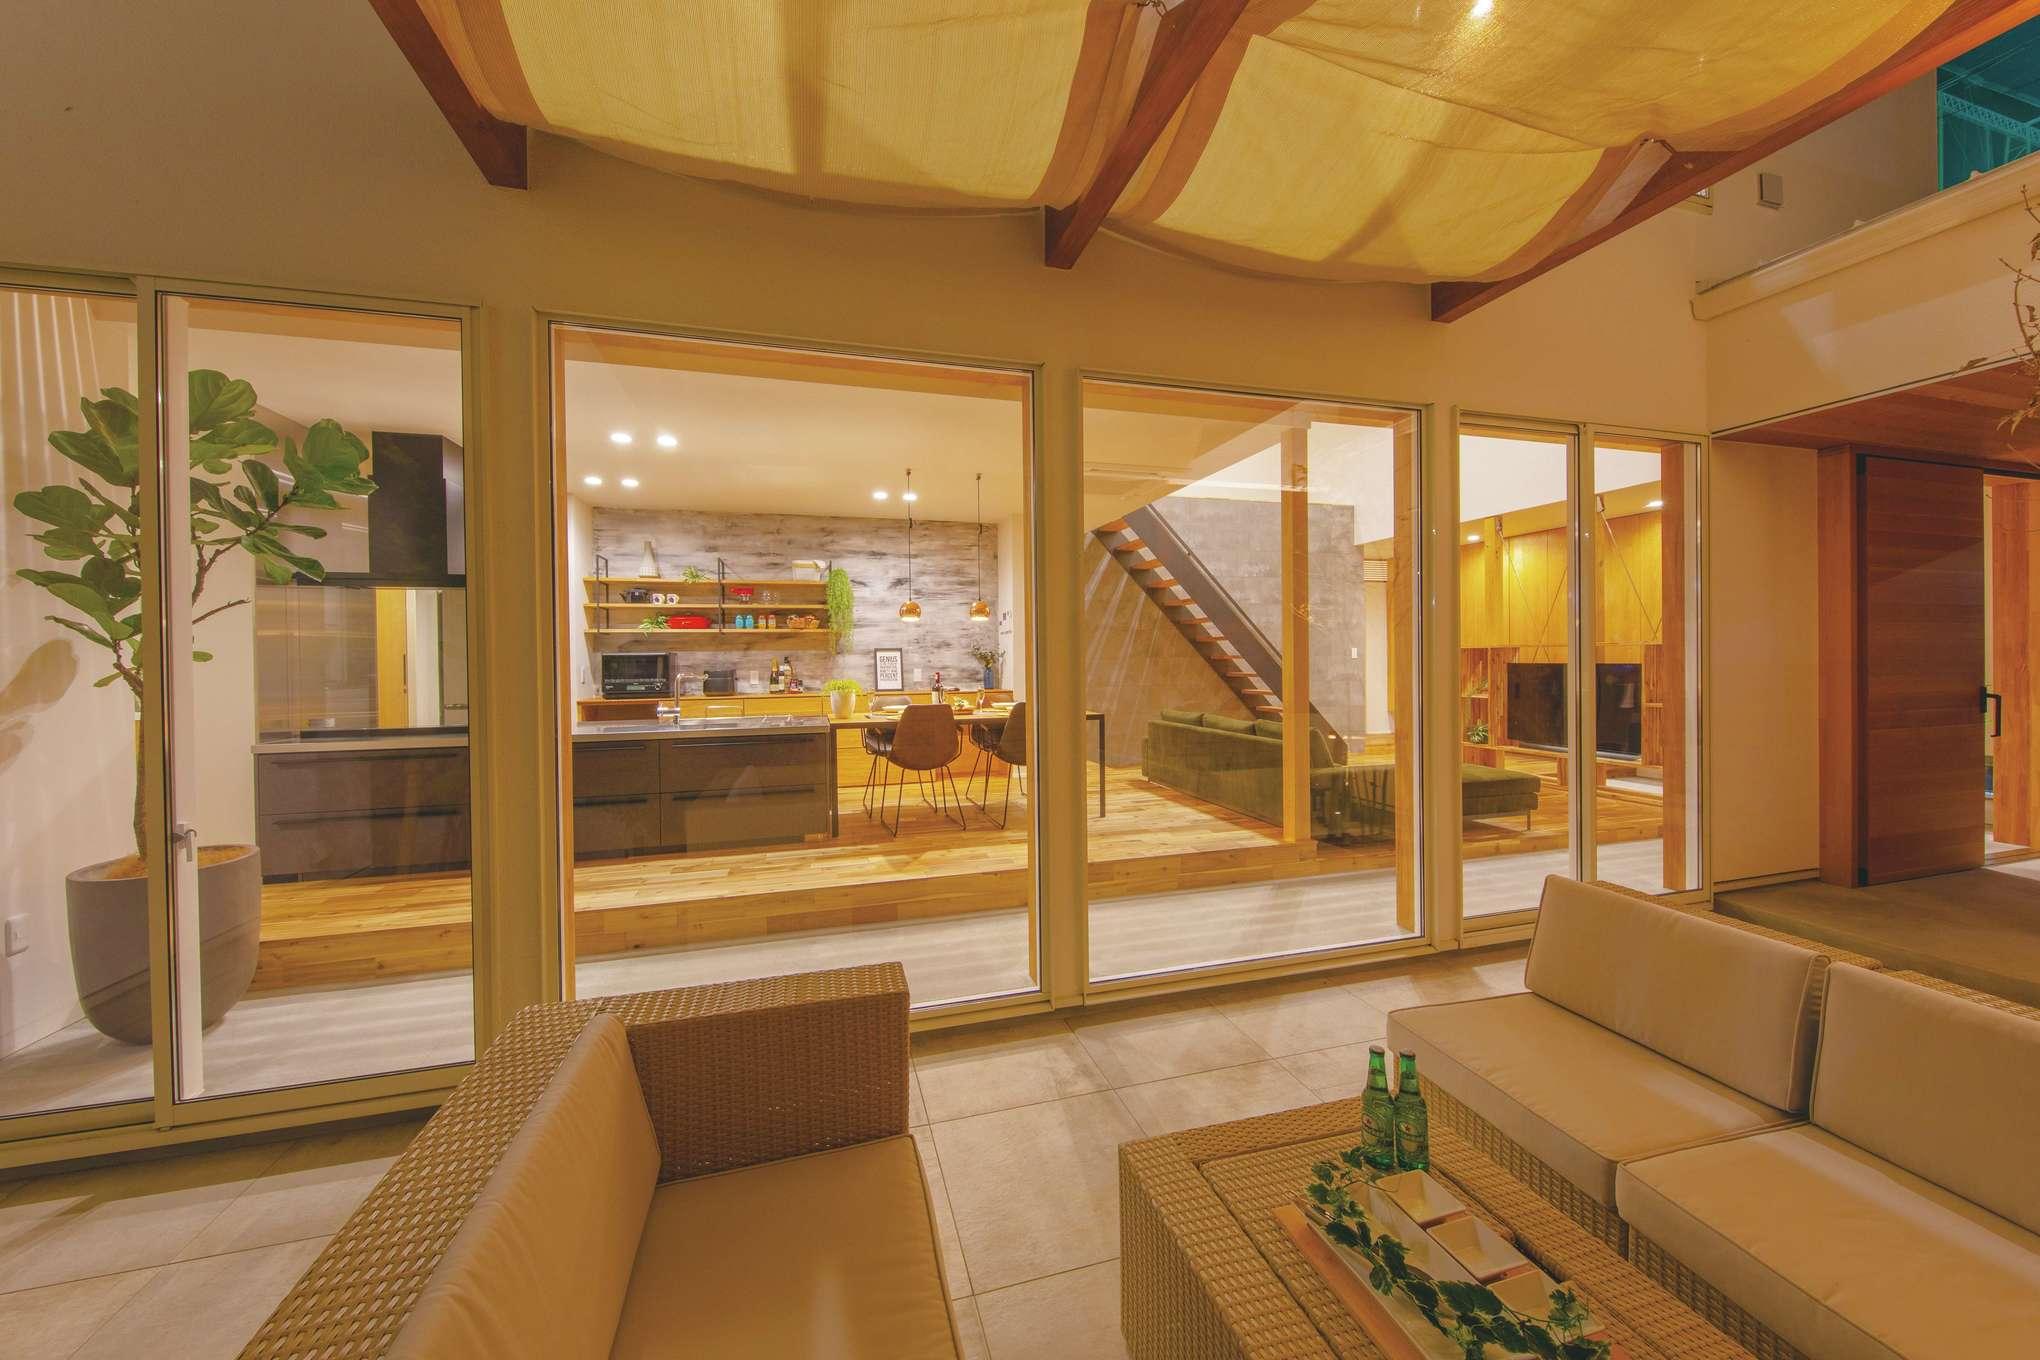 住家 ~JYU-KA~【デザイン住宅、間取り、建築家】テラスからリビングを眺めると、外と中の一体感をさらに実感